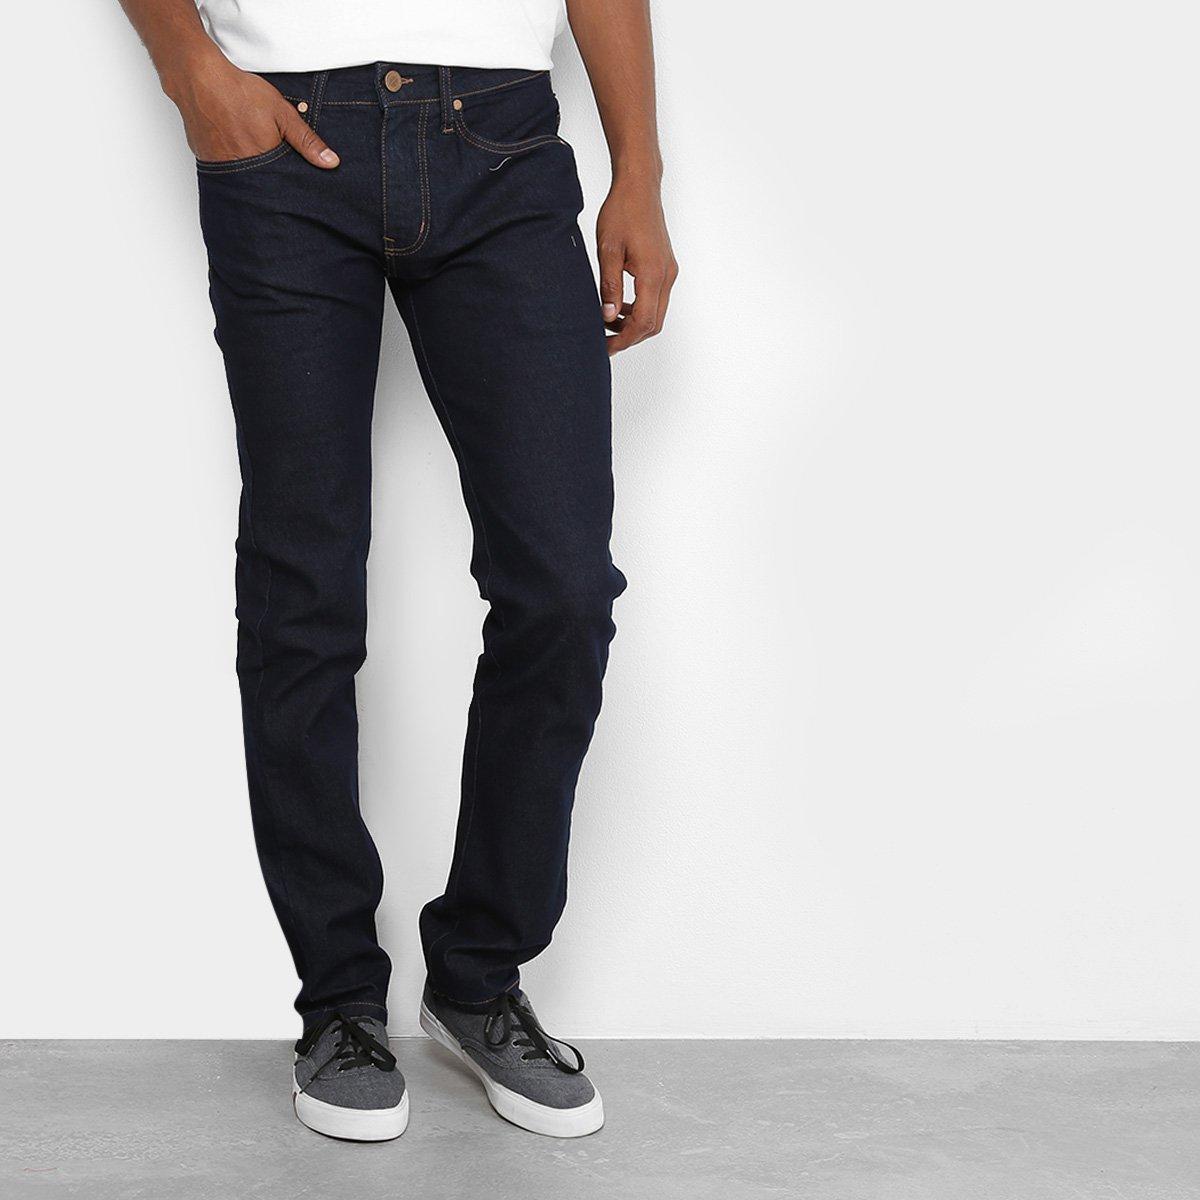 127cea38b Calça Jeans Colcci Alex Masculina - Tam: 42 - Shopping TudoAzul